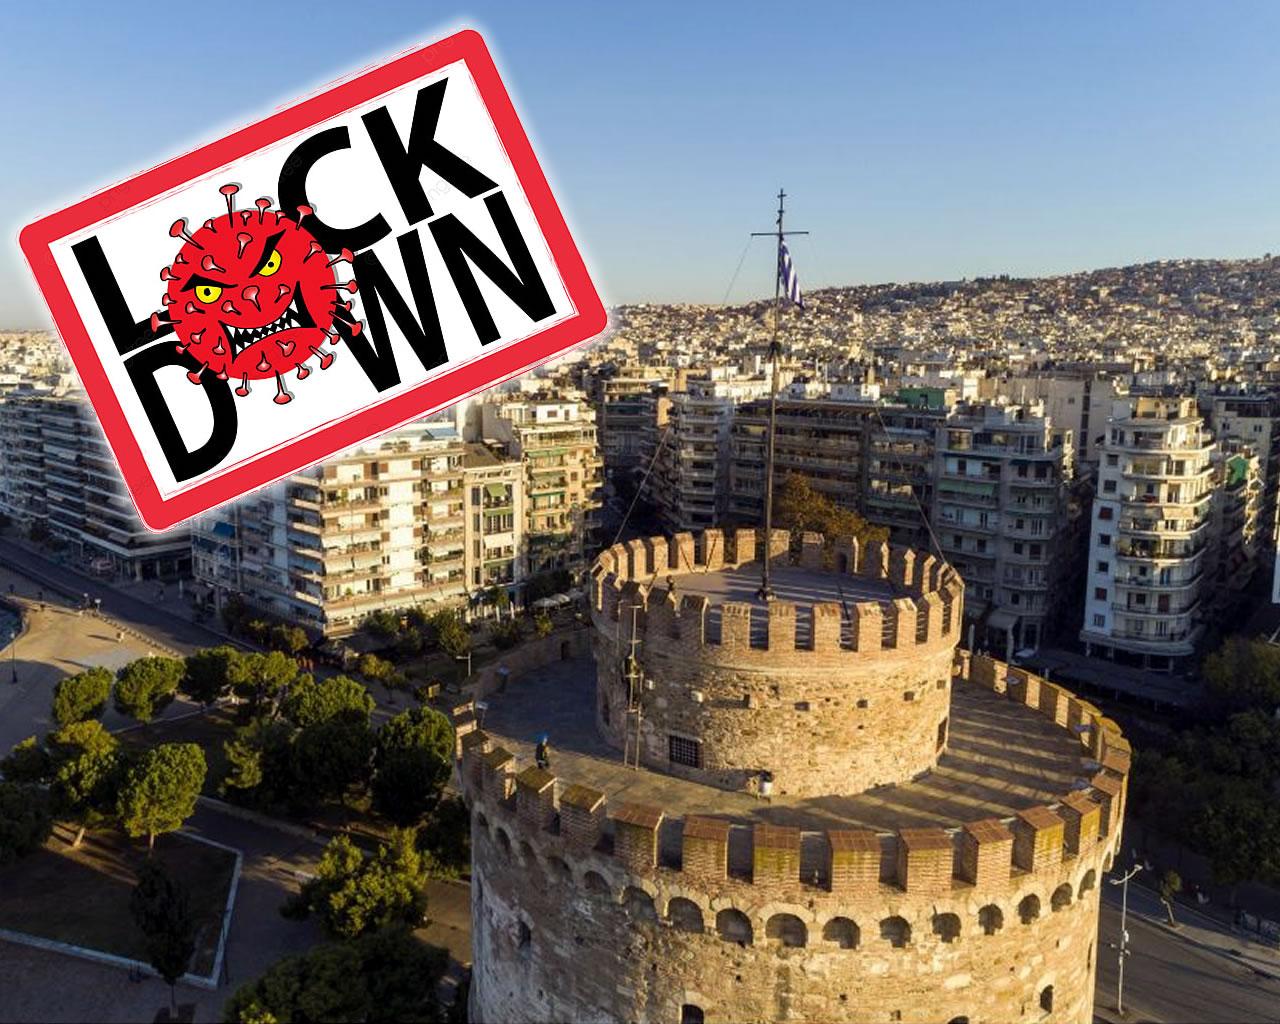 Θεσσαλονίκη και Σέρρες μόνο με SMS